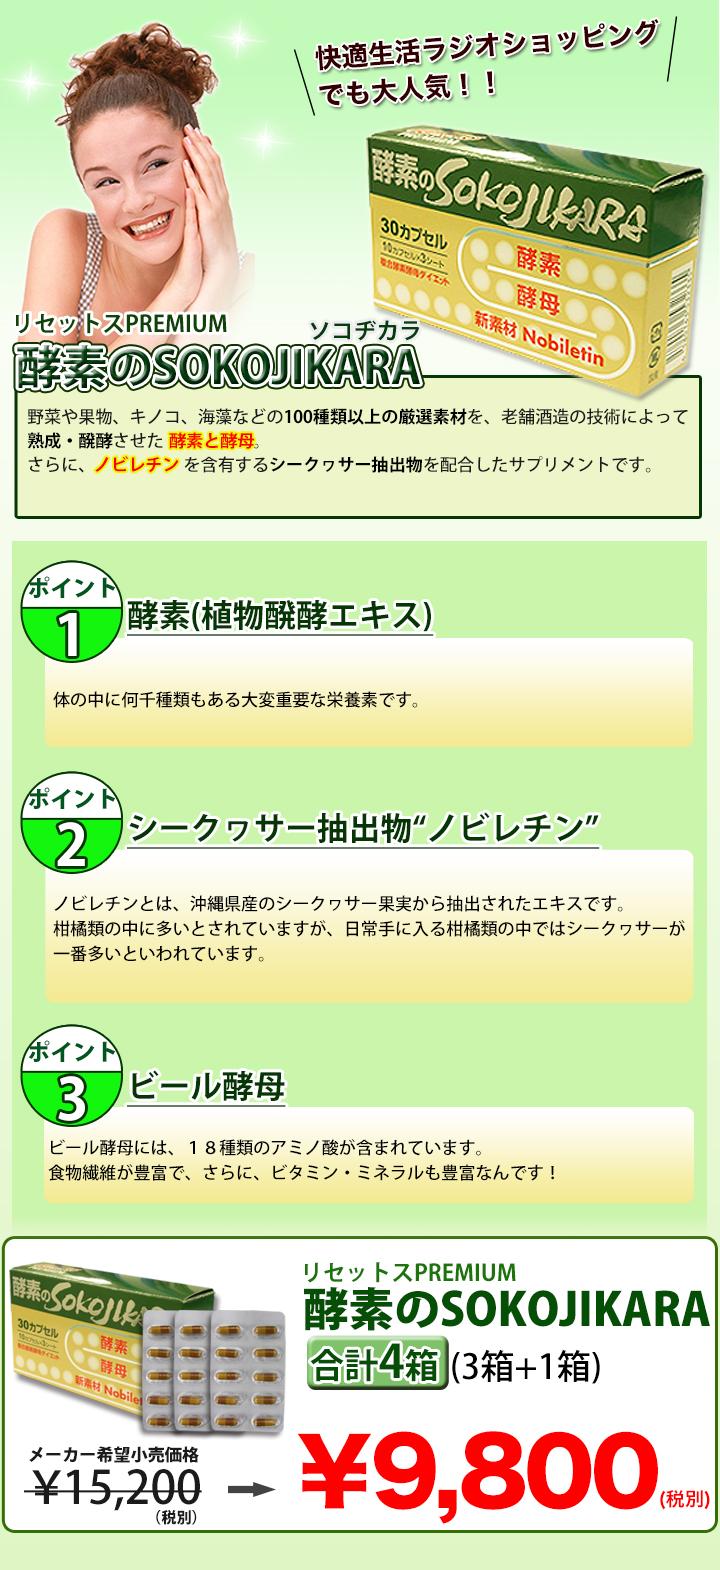 快適生活の酵素のSOKOJIKARA底力 4(3+1)箱